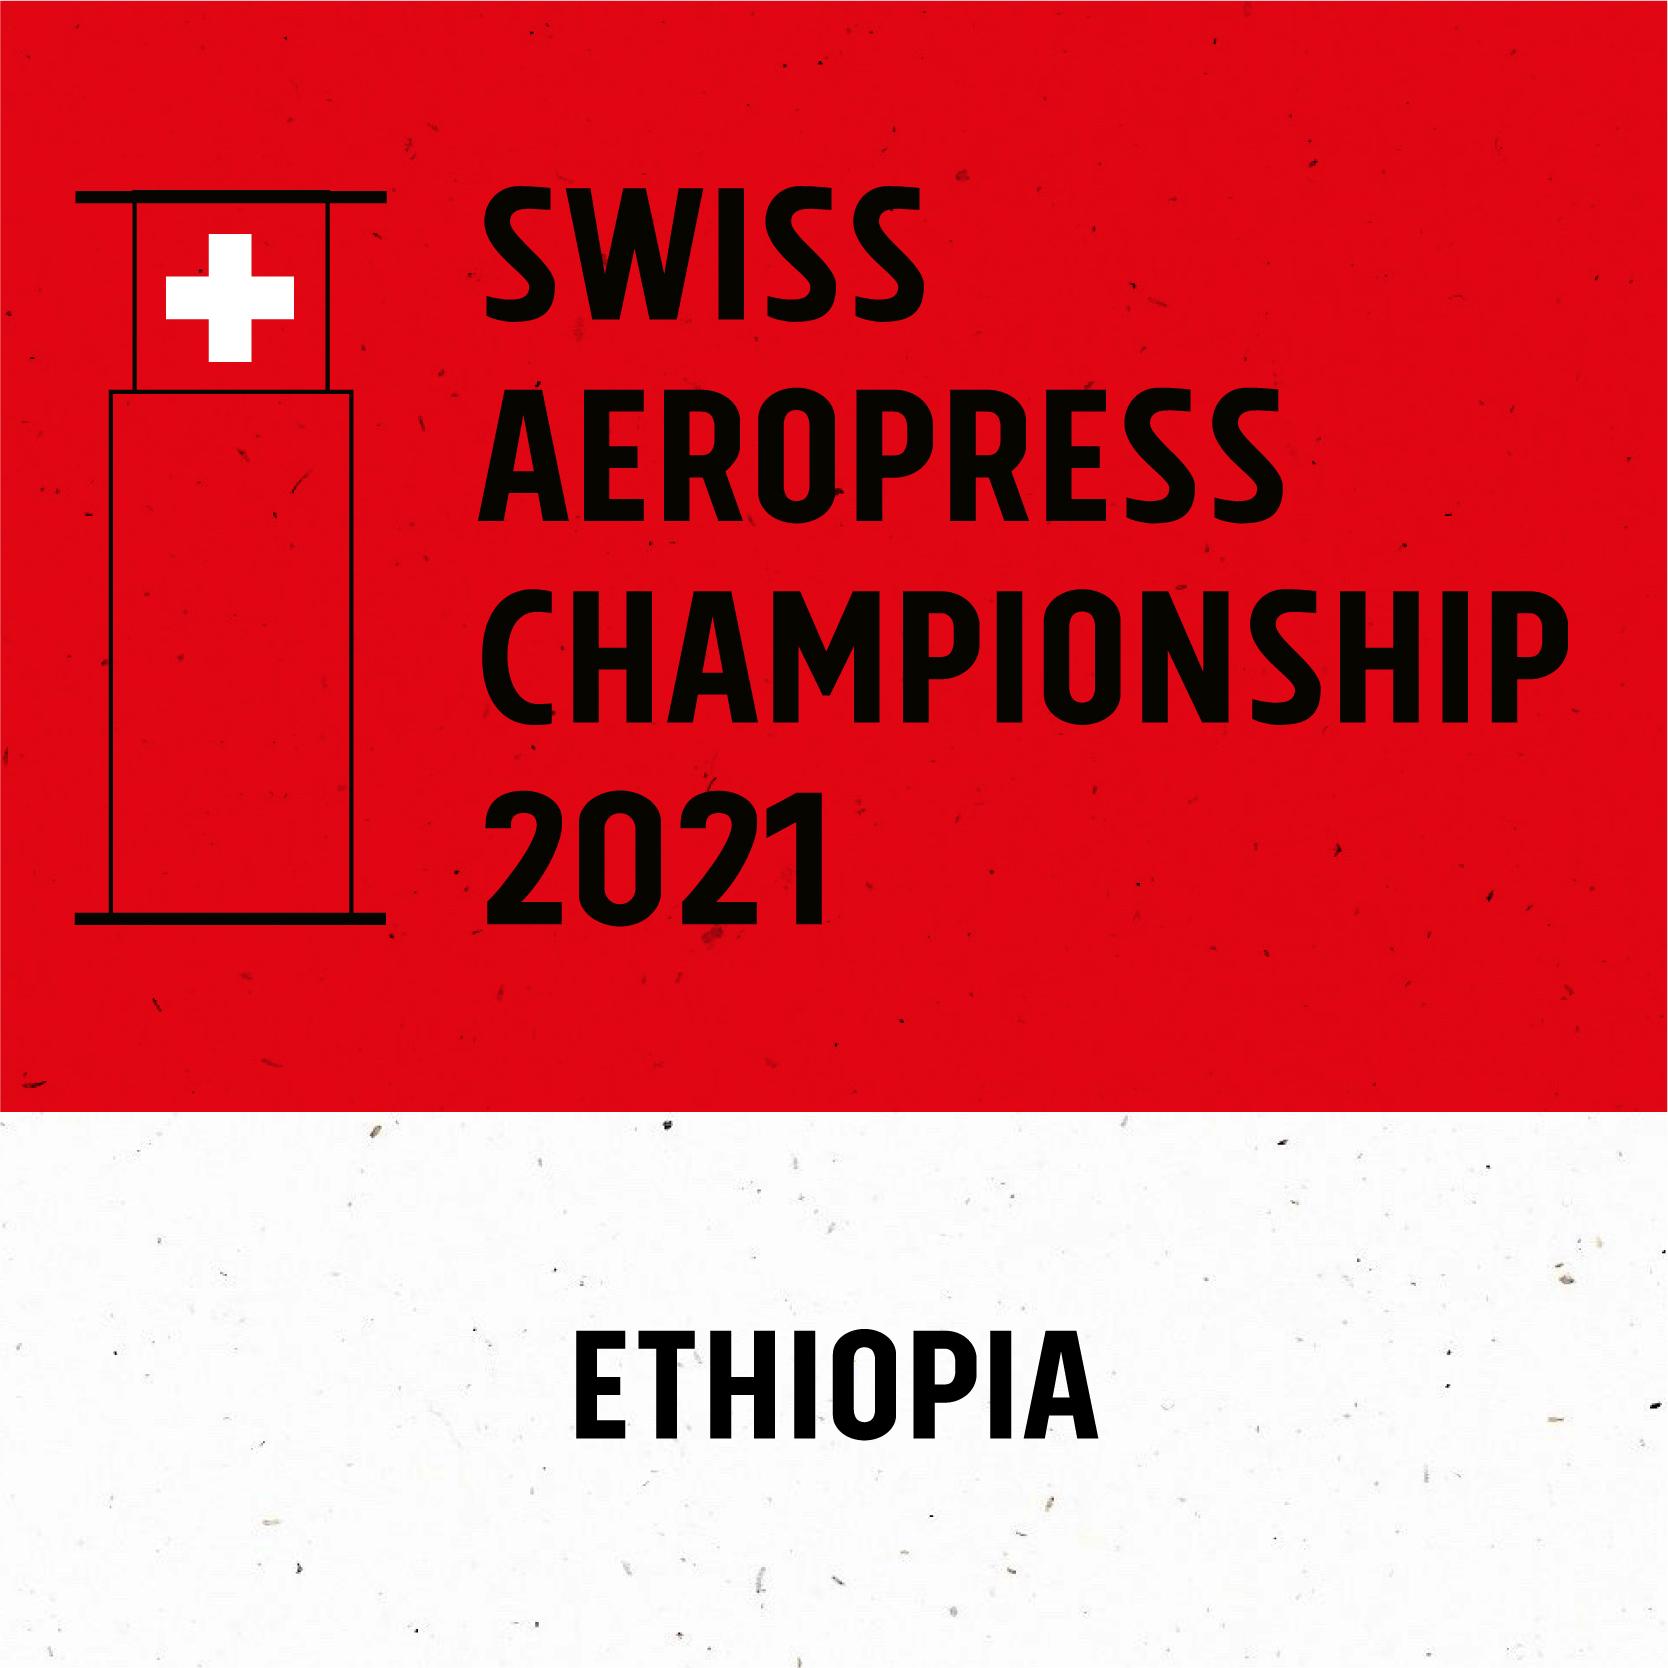 Swiss Aeropress Championship 2021